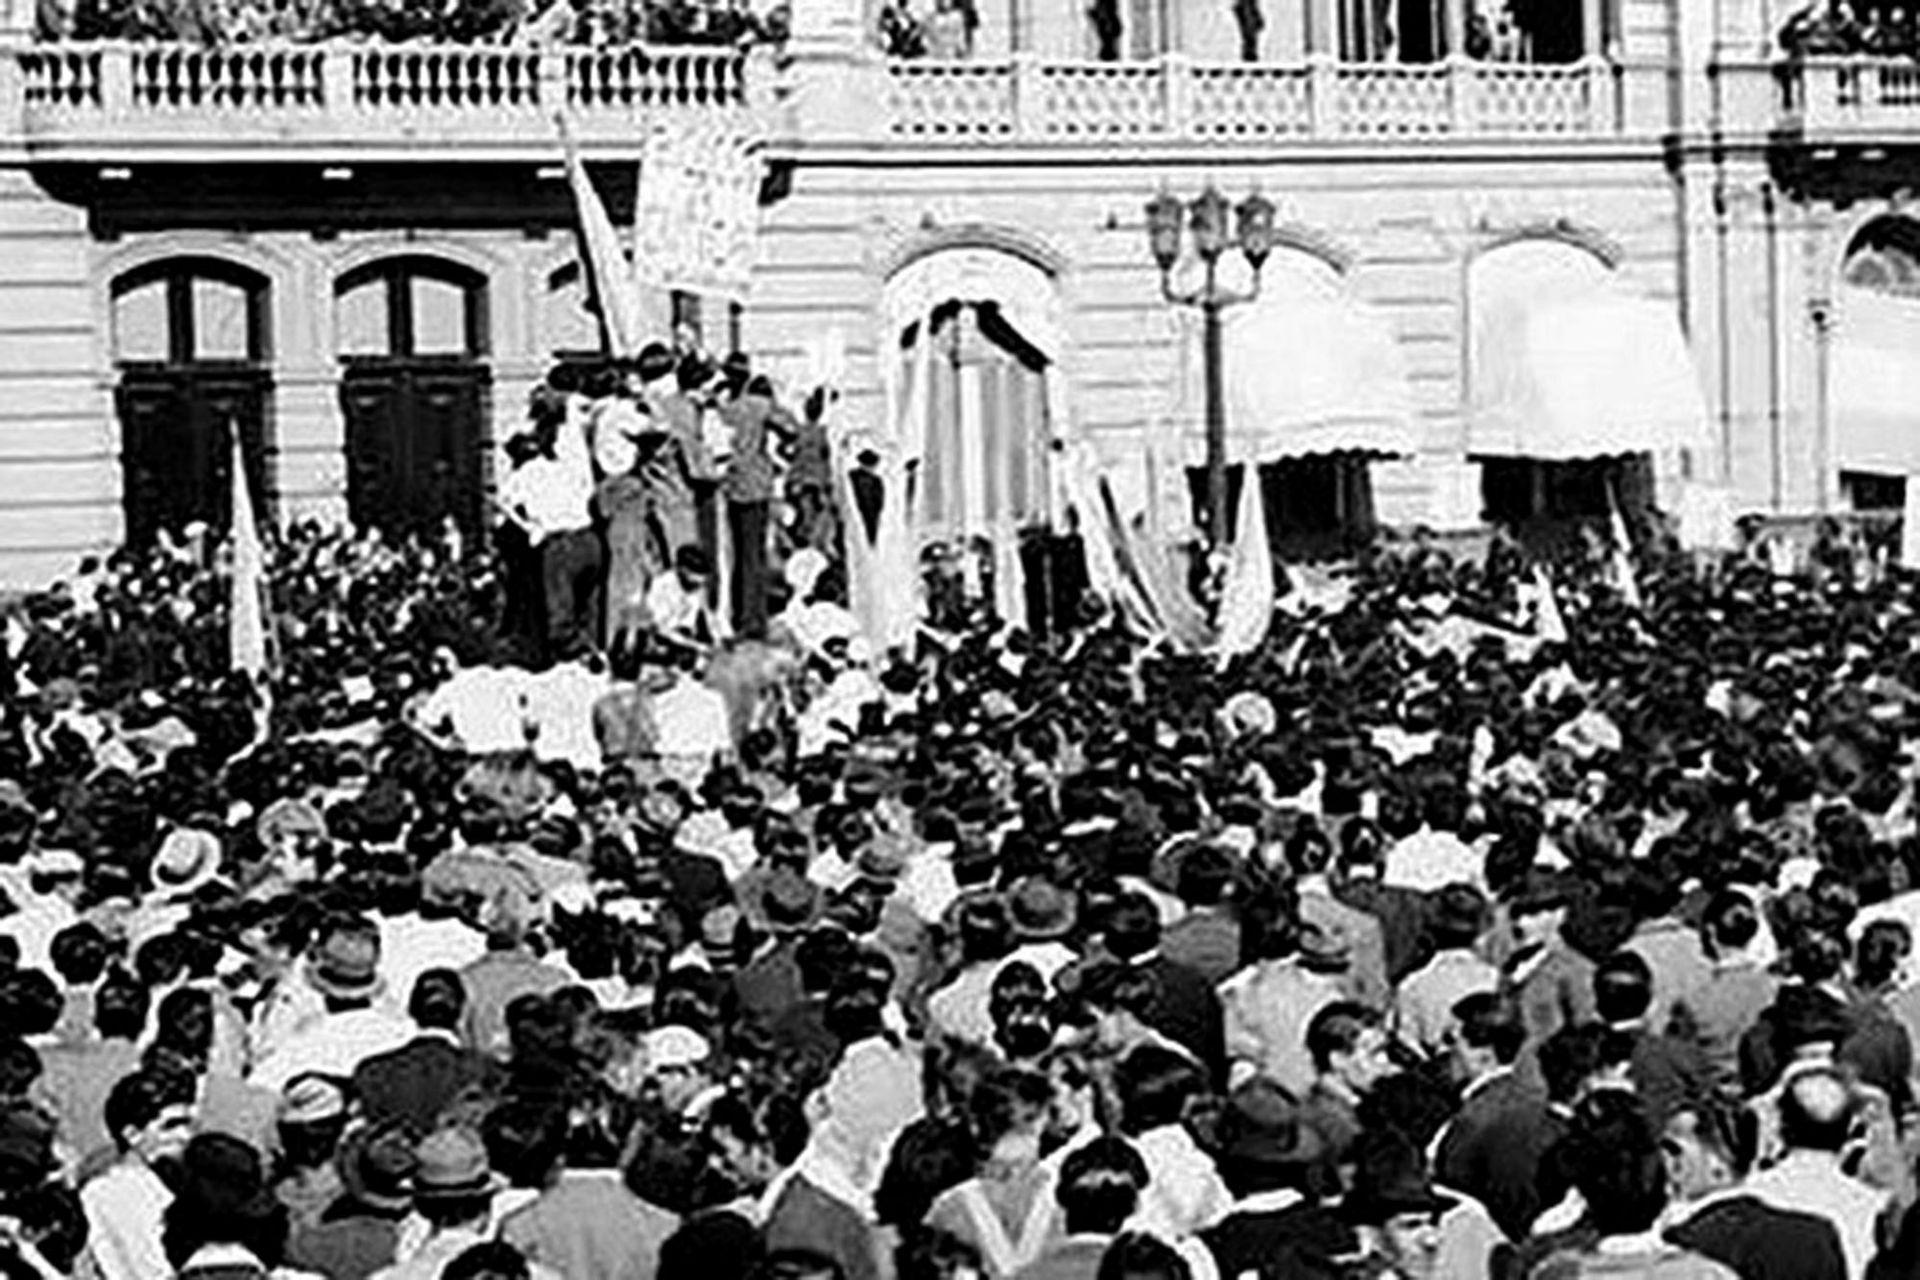 Los sindicatos impulsaron las movilizaciones del 17 de octubre de 1945, que tuvieron como epicentro la Plaza de Mayo